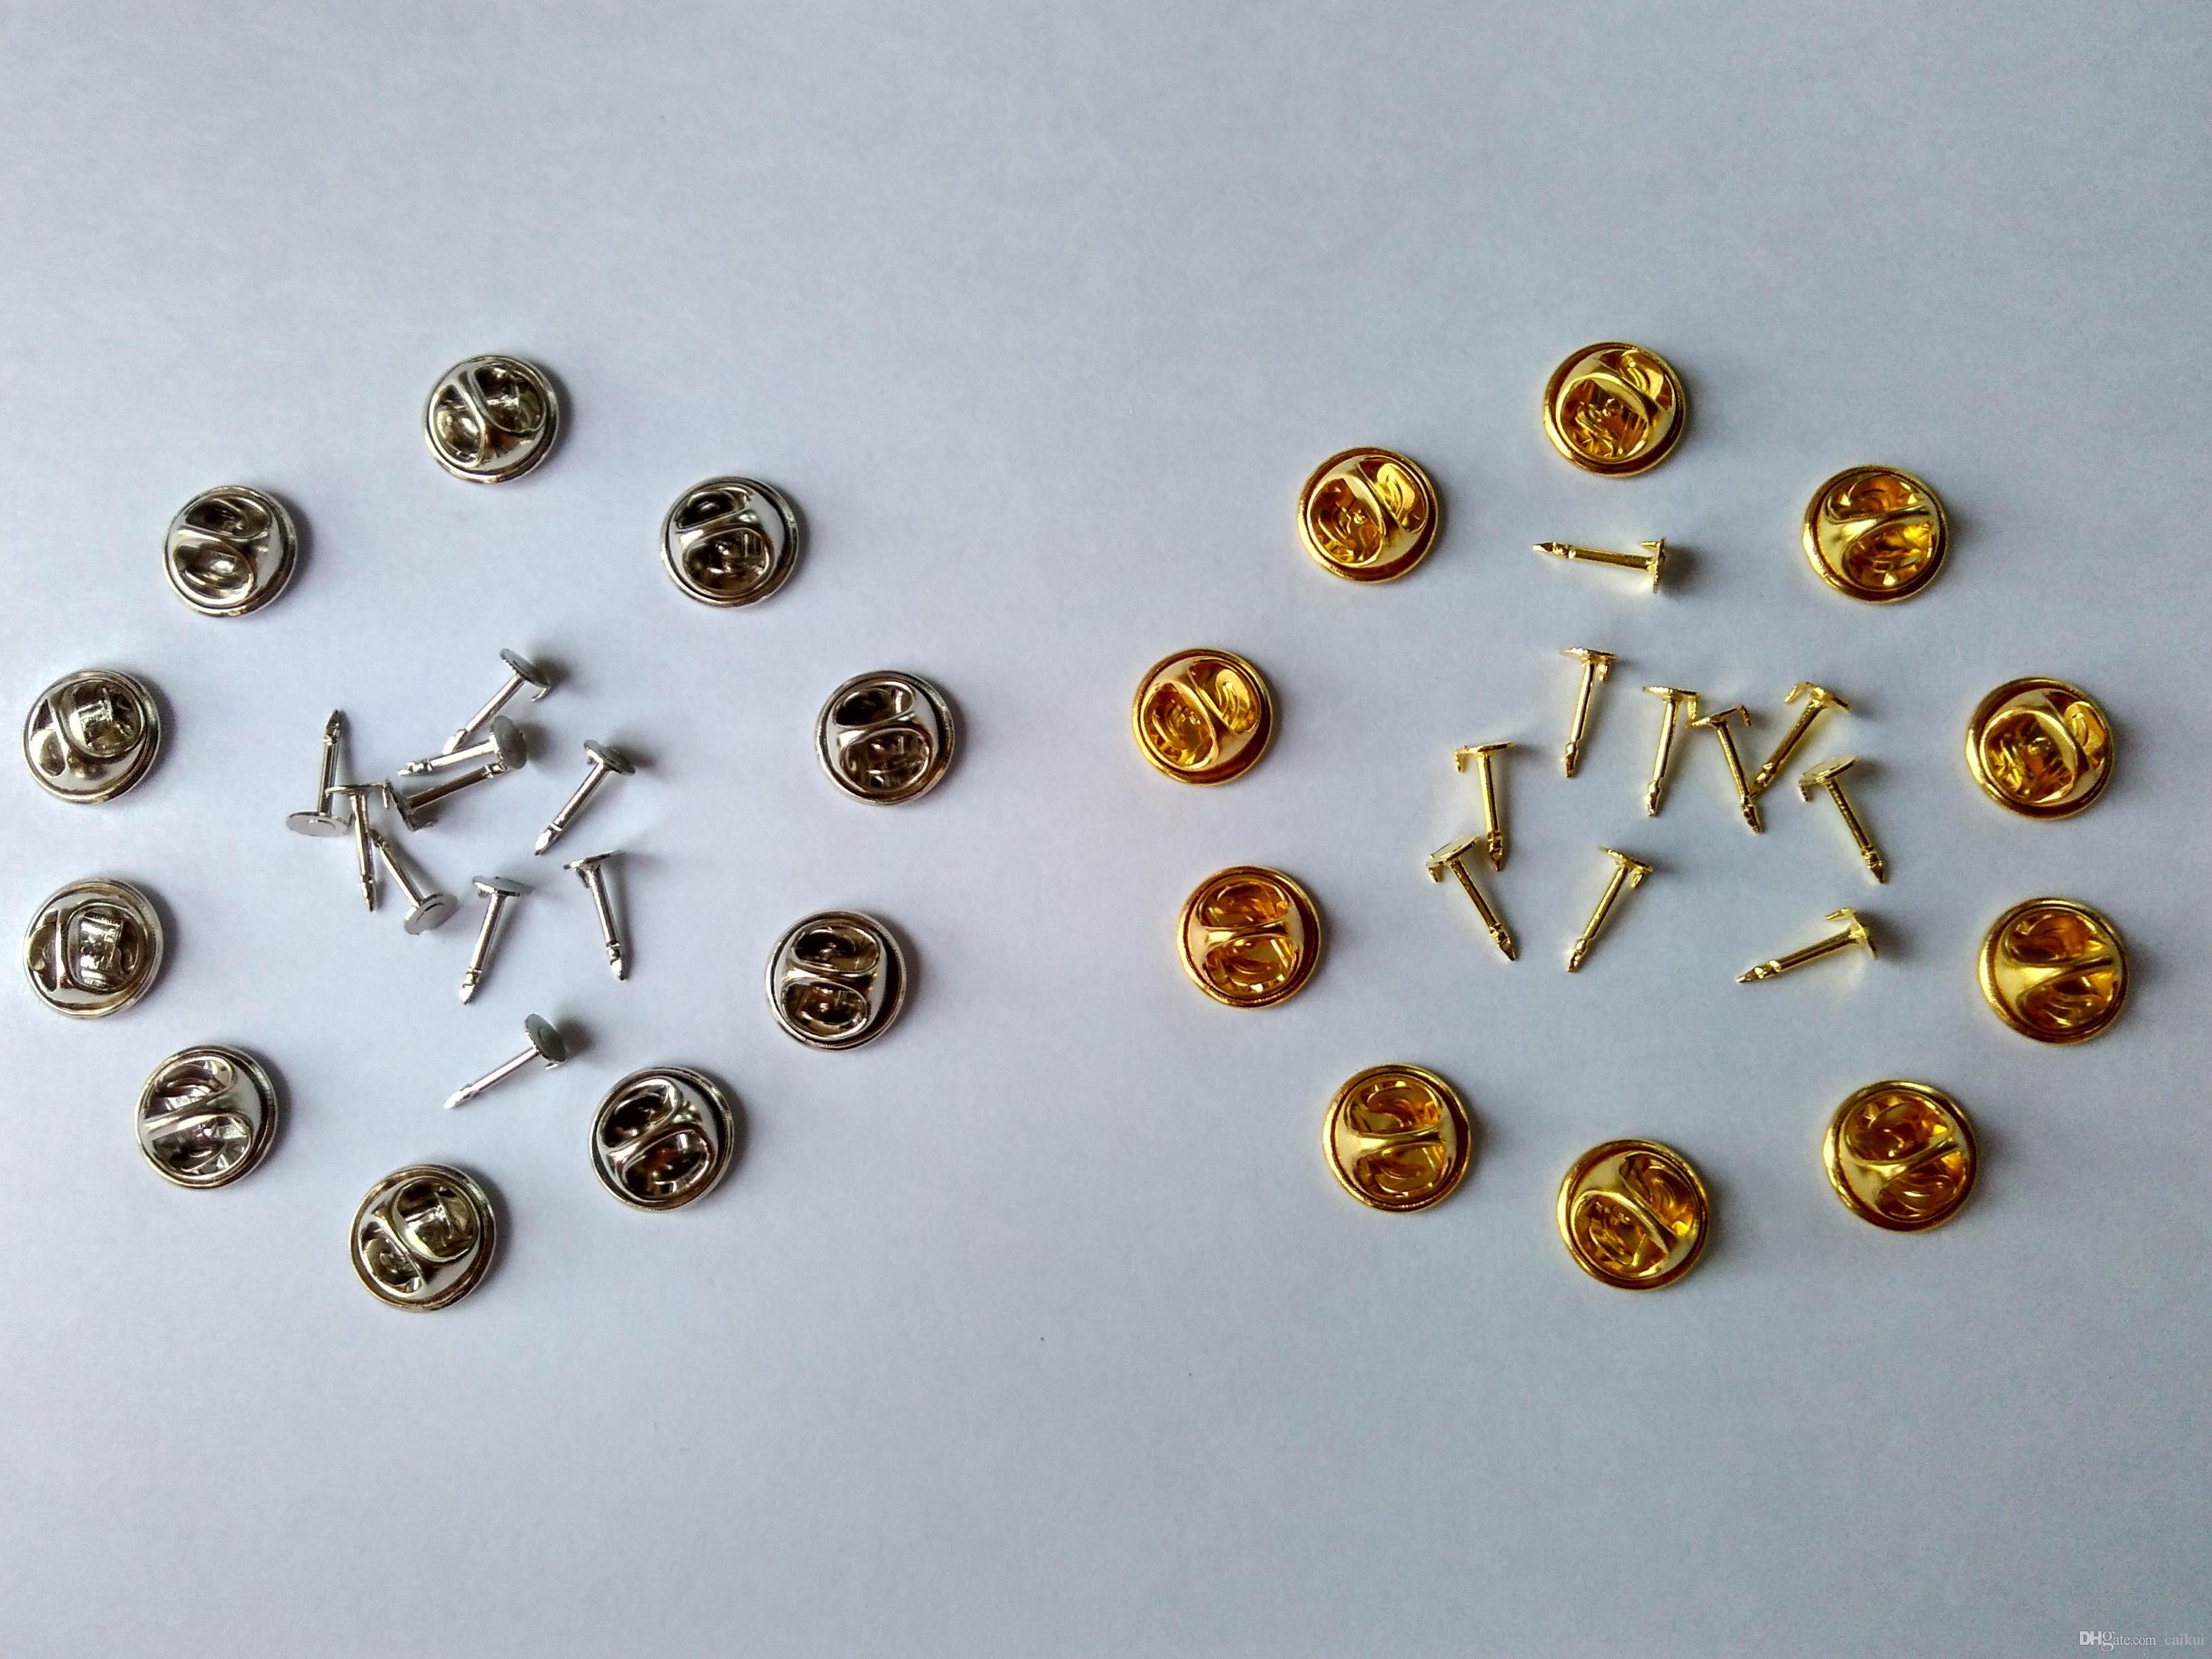 10mm Post Nails Post Silver Silver Laiton Cravate Tacks Tacs Papillon Pin de Papillon Arrêtit Embrayage de fermoir pour les vêtements Constatations de bijoux Broches Scatter